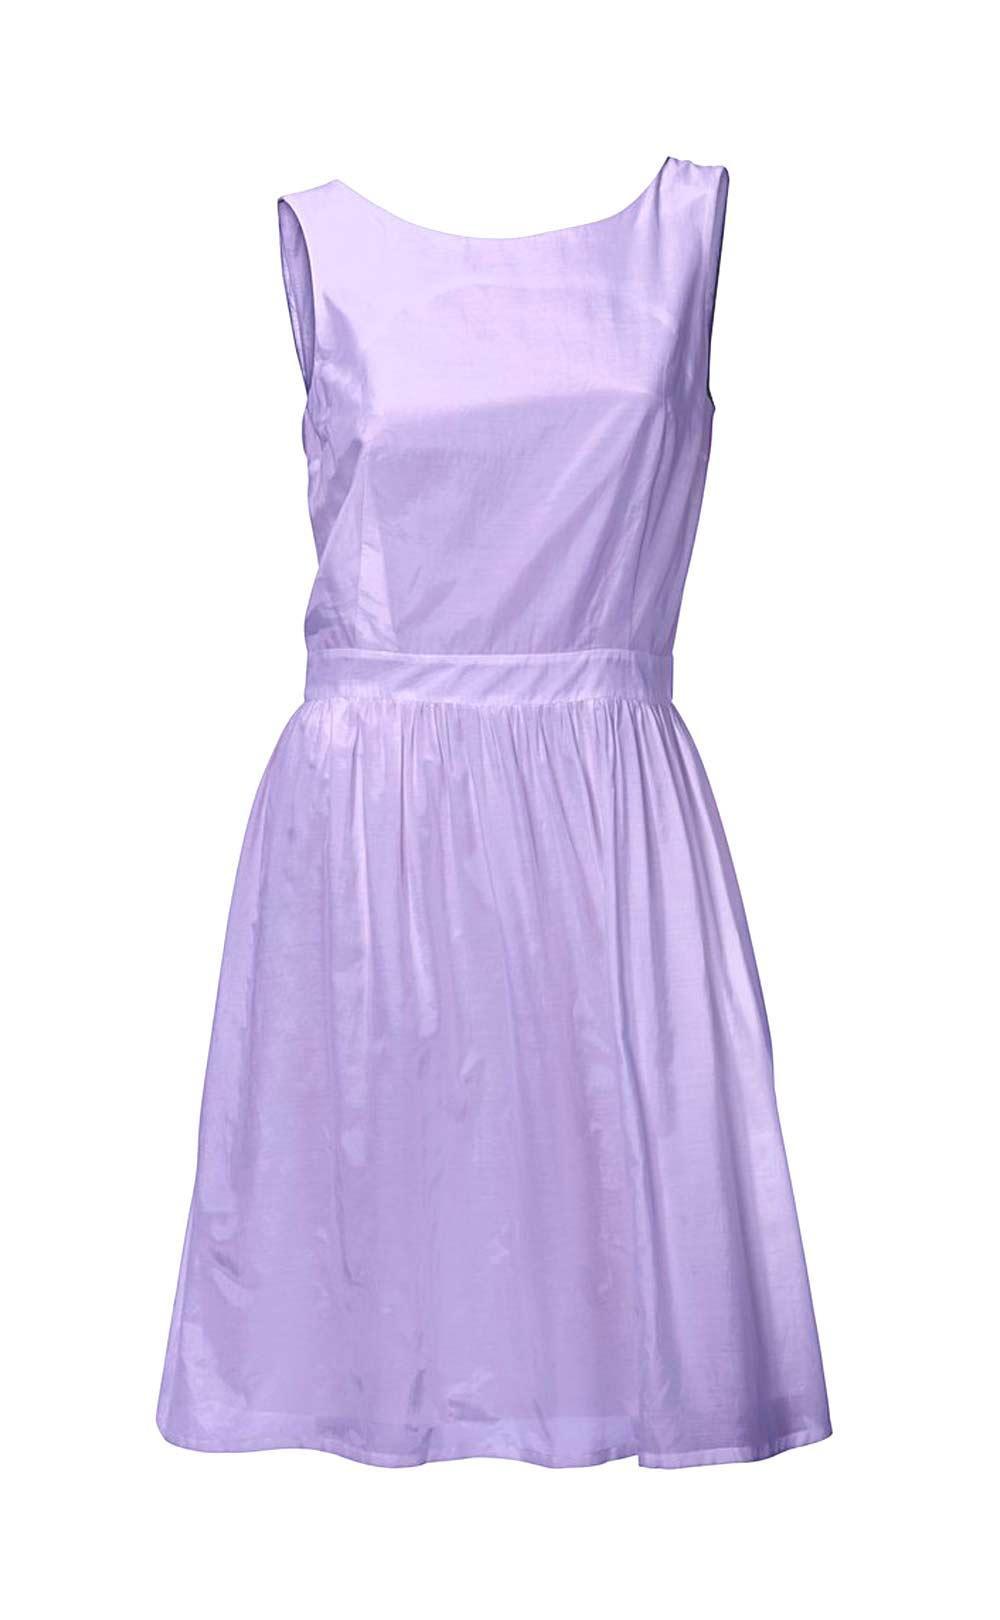 Designerkleid Flieder  Kleider  Outlet Modeshop